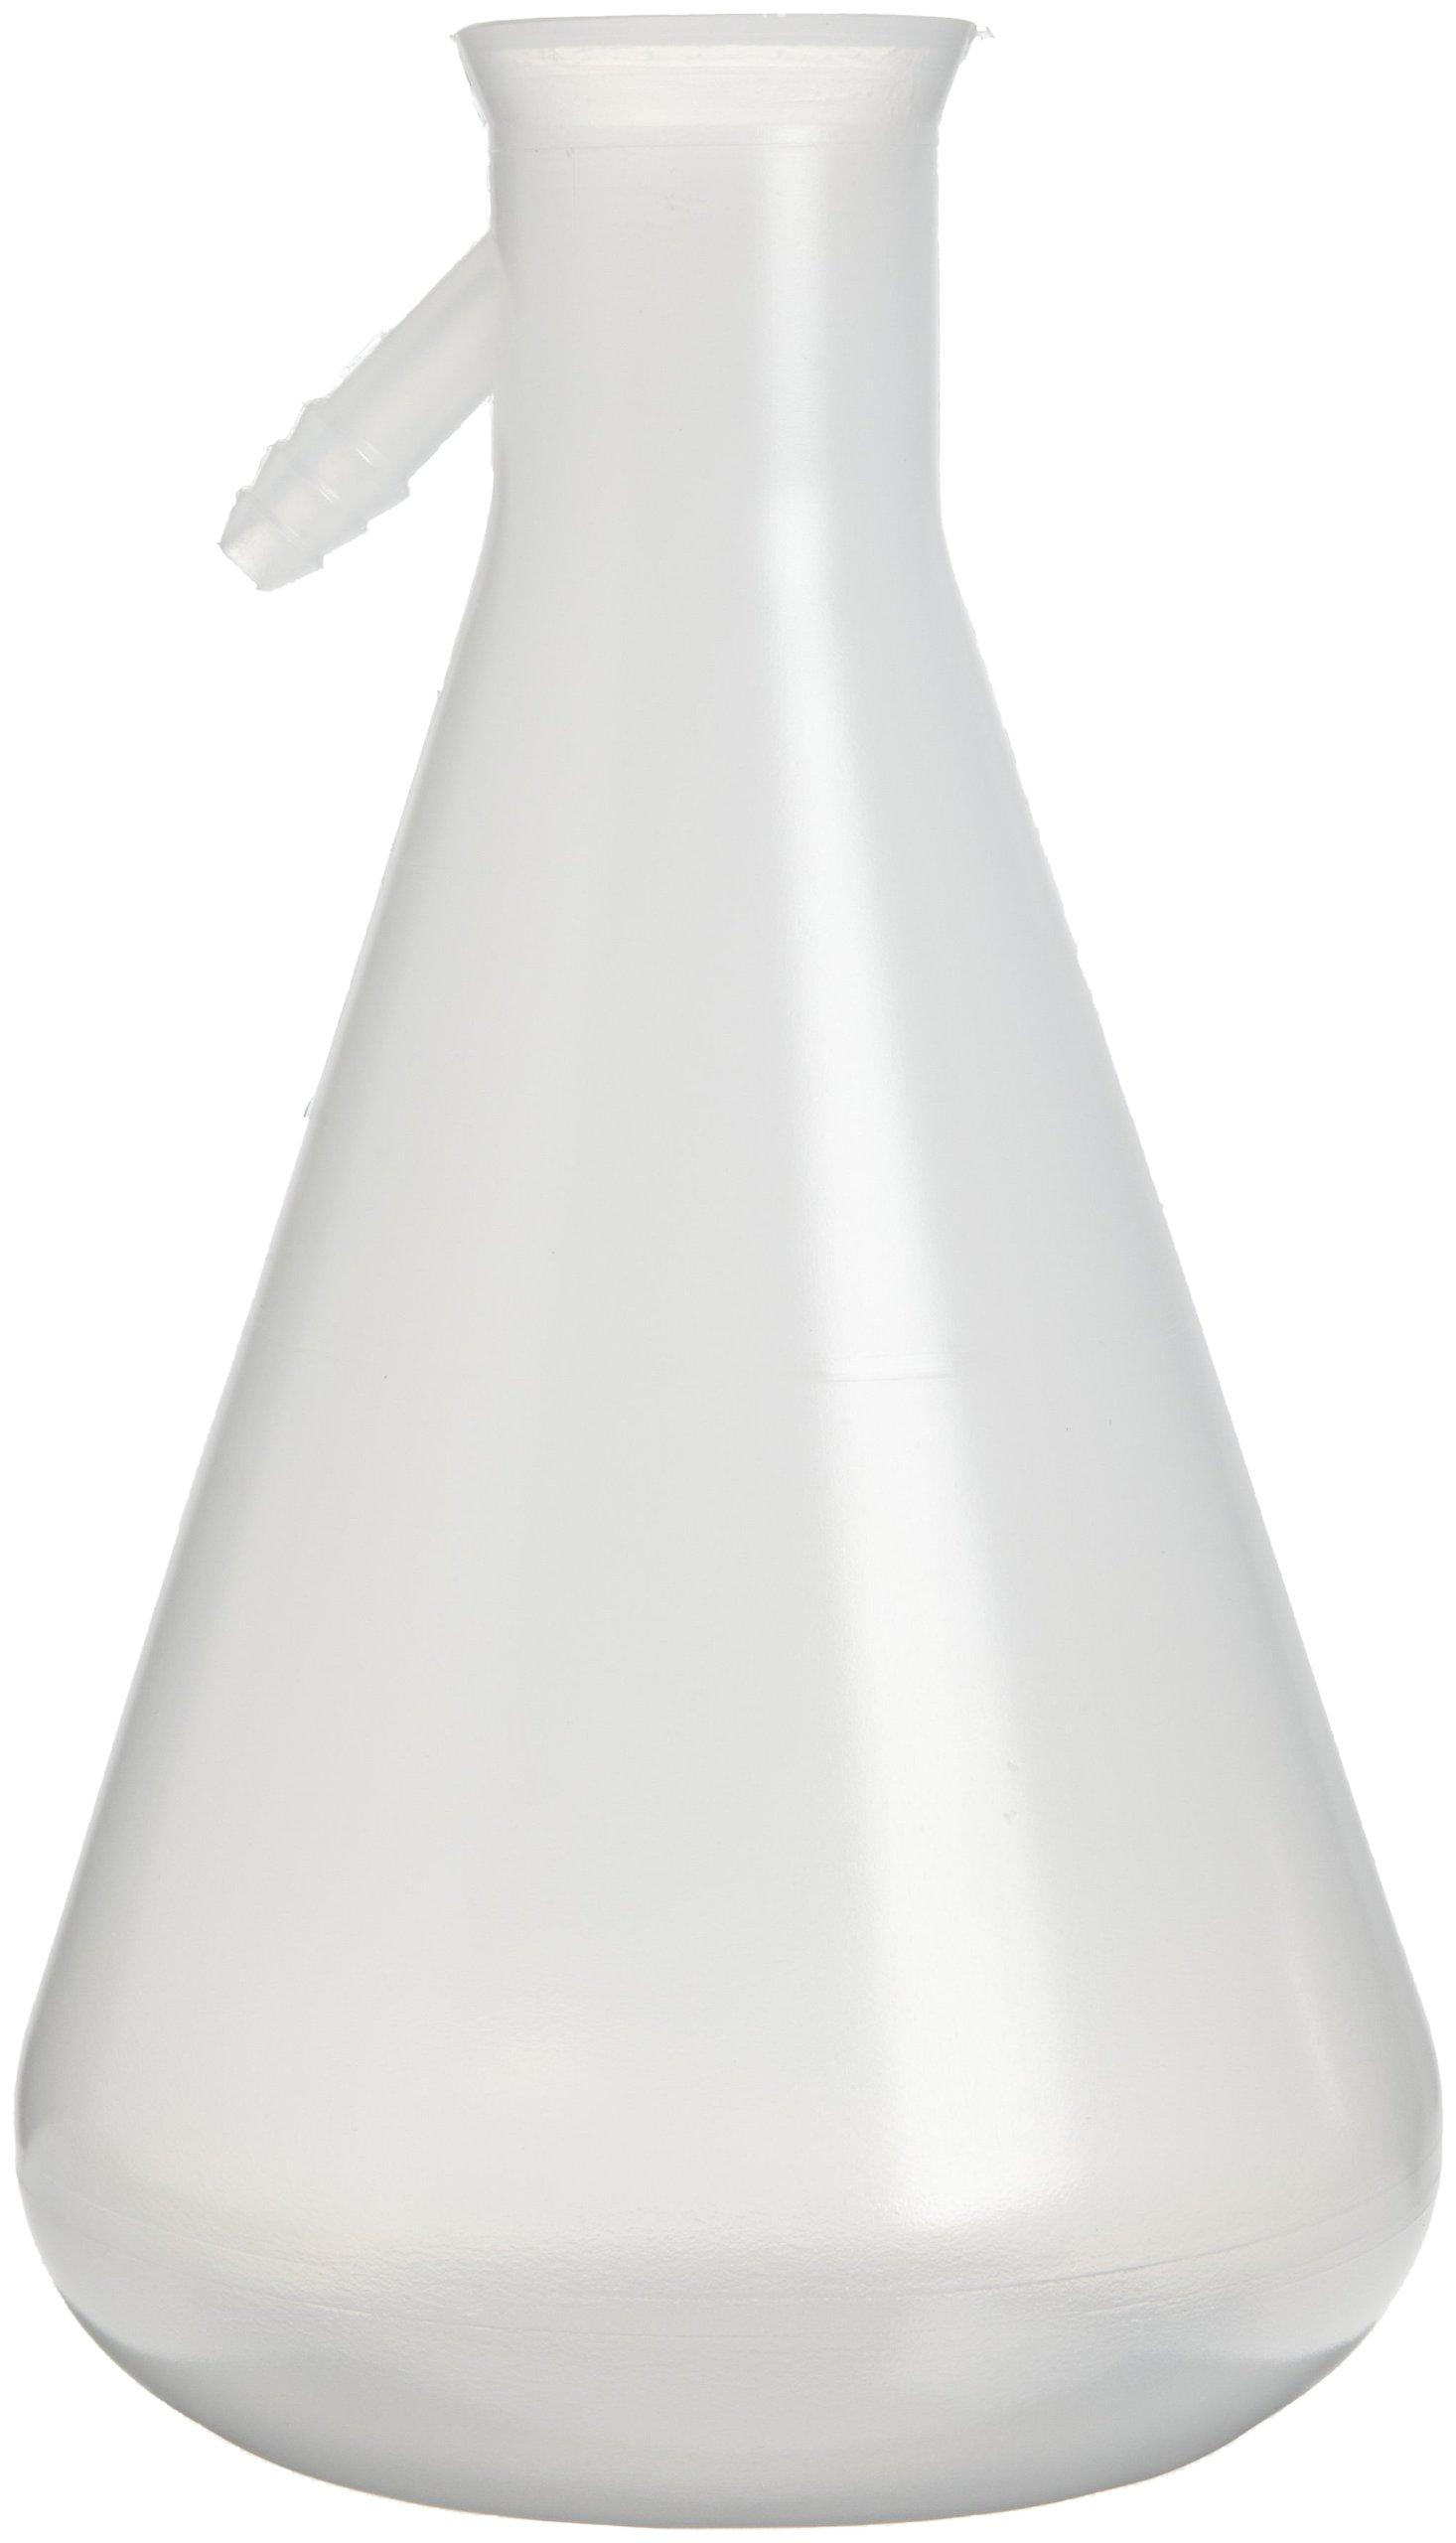 Bel-Art Polypropylene 1000ml Filtering Flask with Side Arm (H38941-0000)